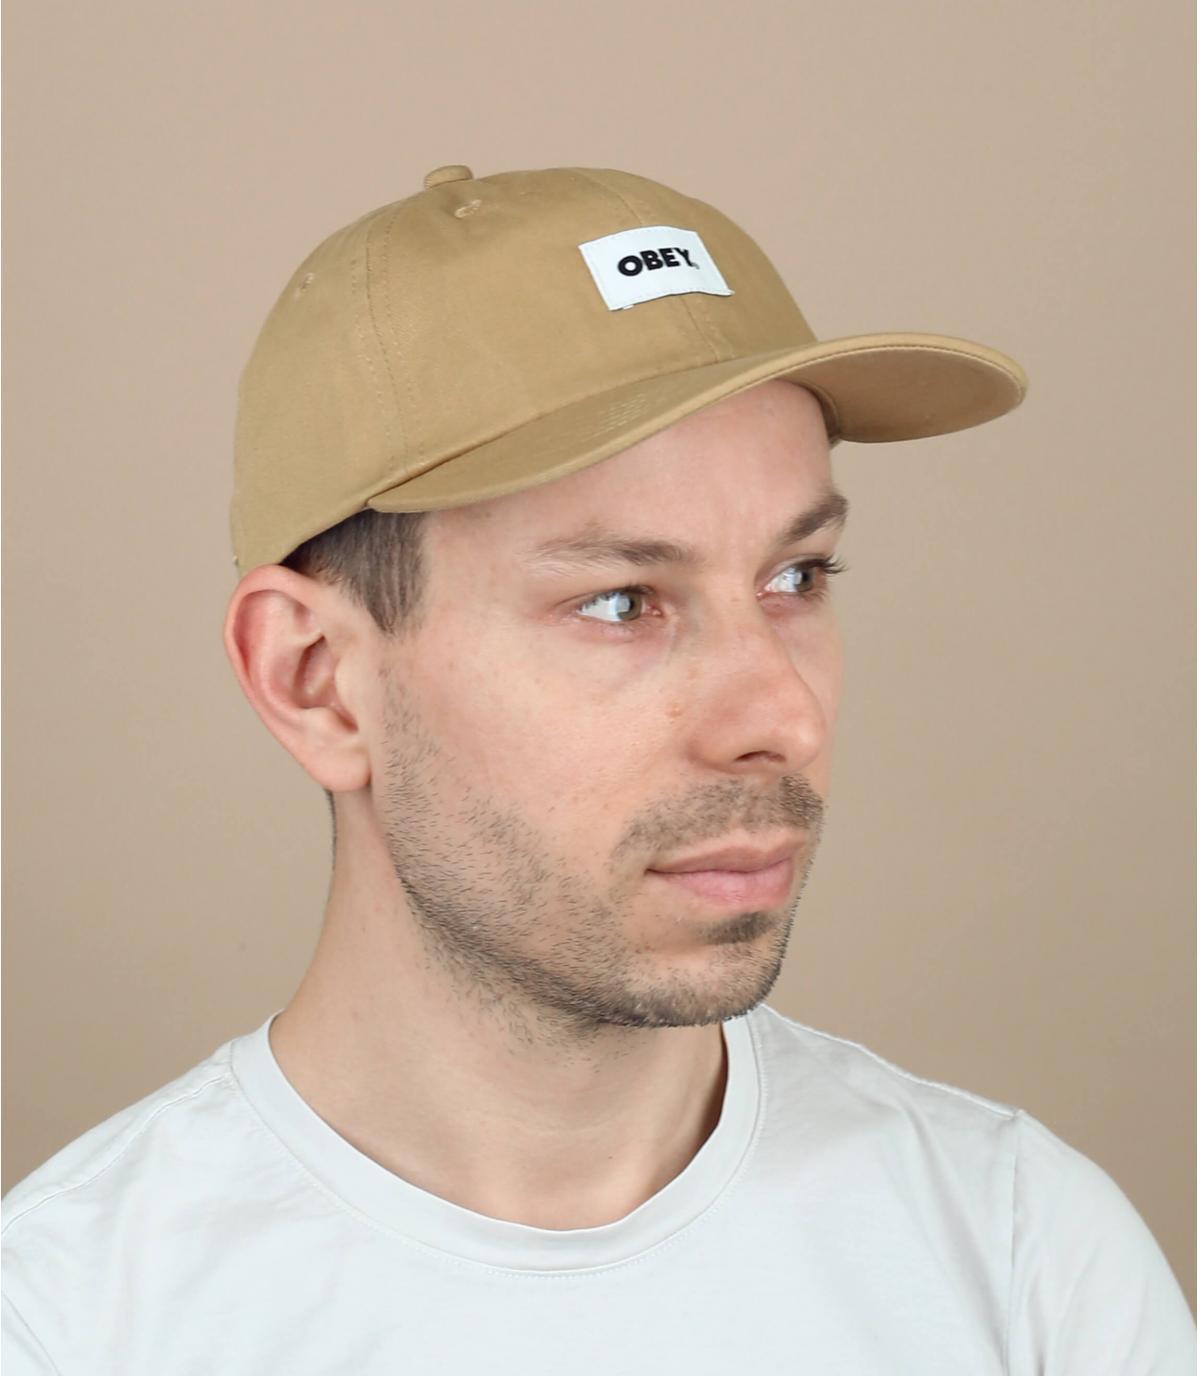 beige Obey cap organic